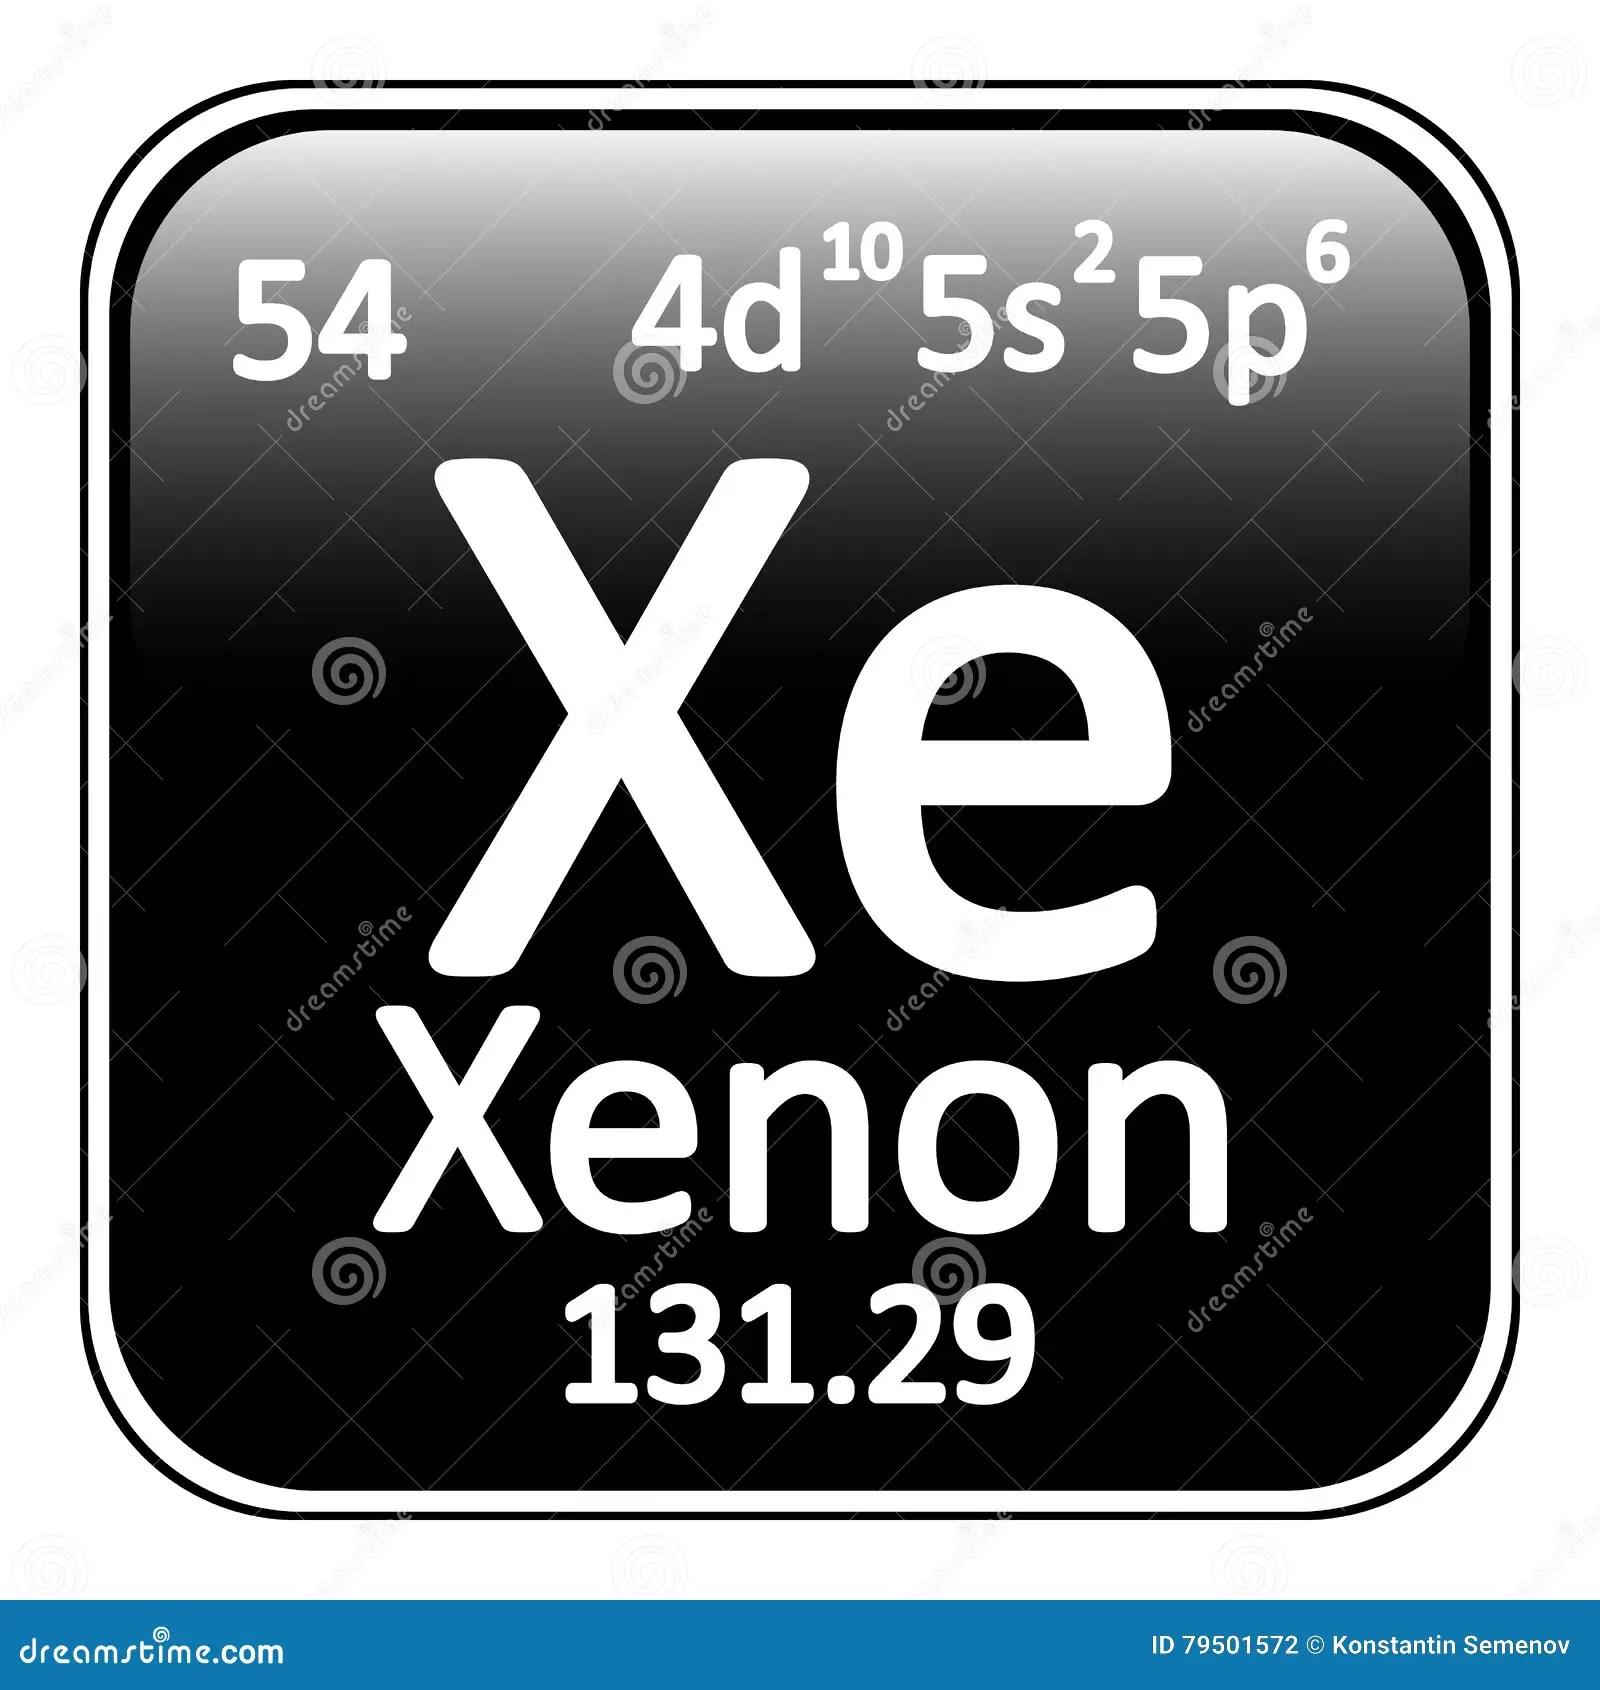 Titanium Element Symbol On Periodic Table